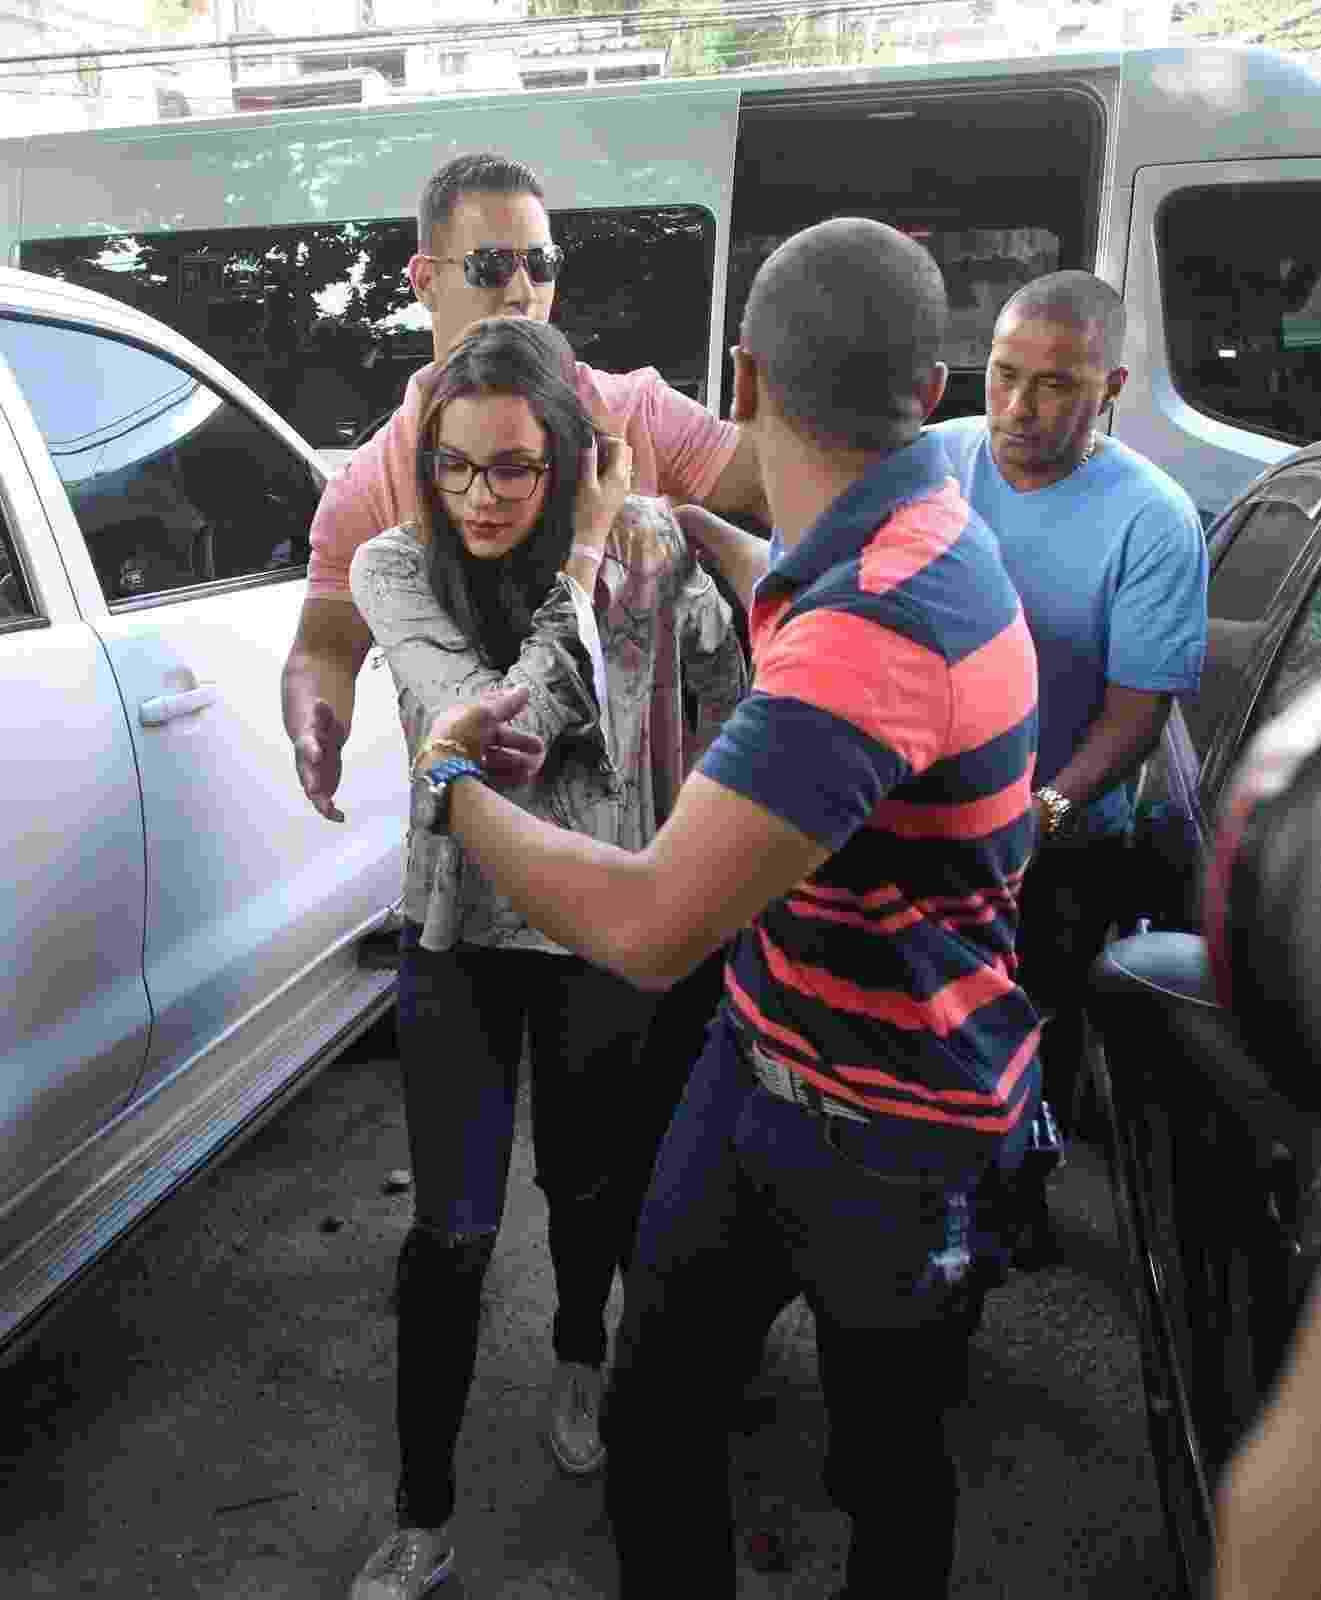 Emilly chega à delegacia da mulher, no Rio, onde prestará no depoimento - Marcello Sá Barreto / Ag News